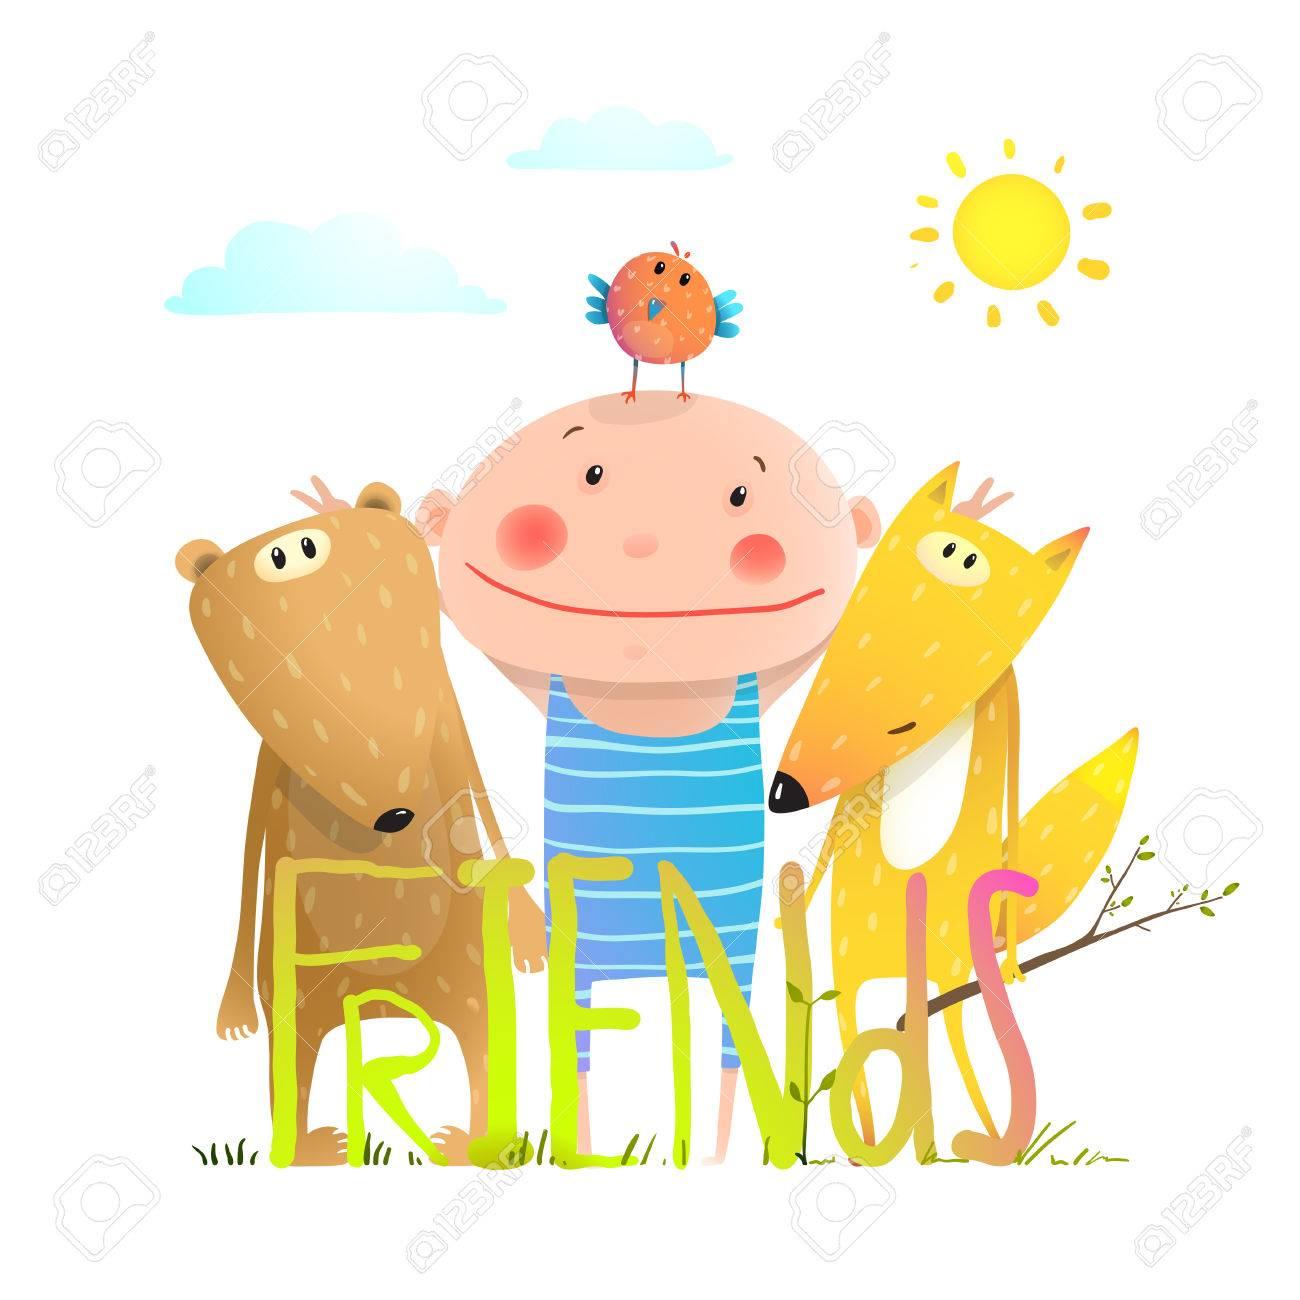 Amitié Dessin enfants amitié mignon brillamment coloré dessin animé, illustration